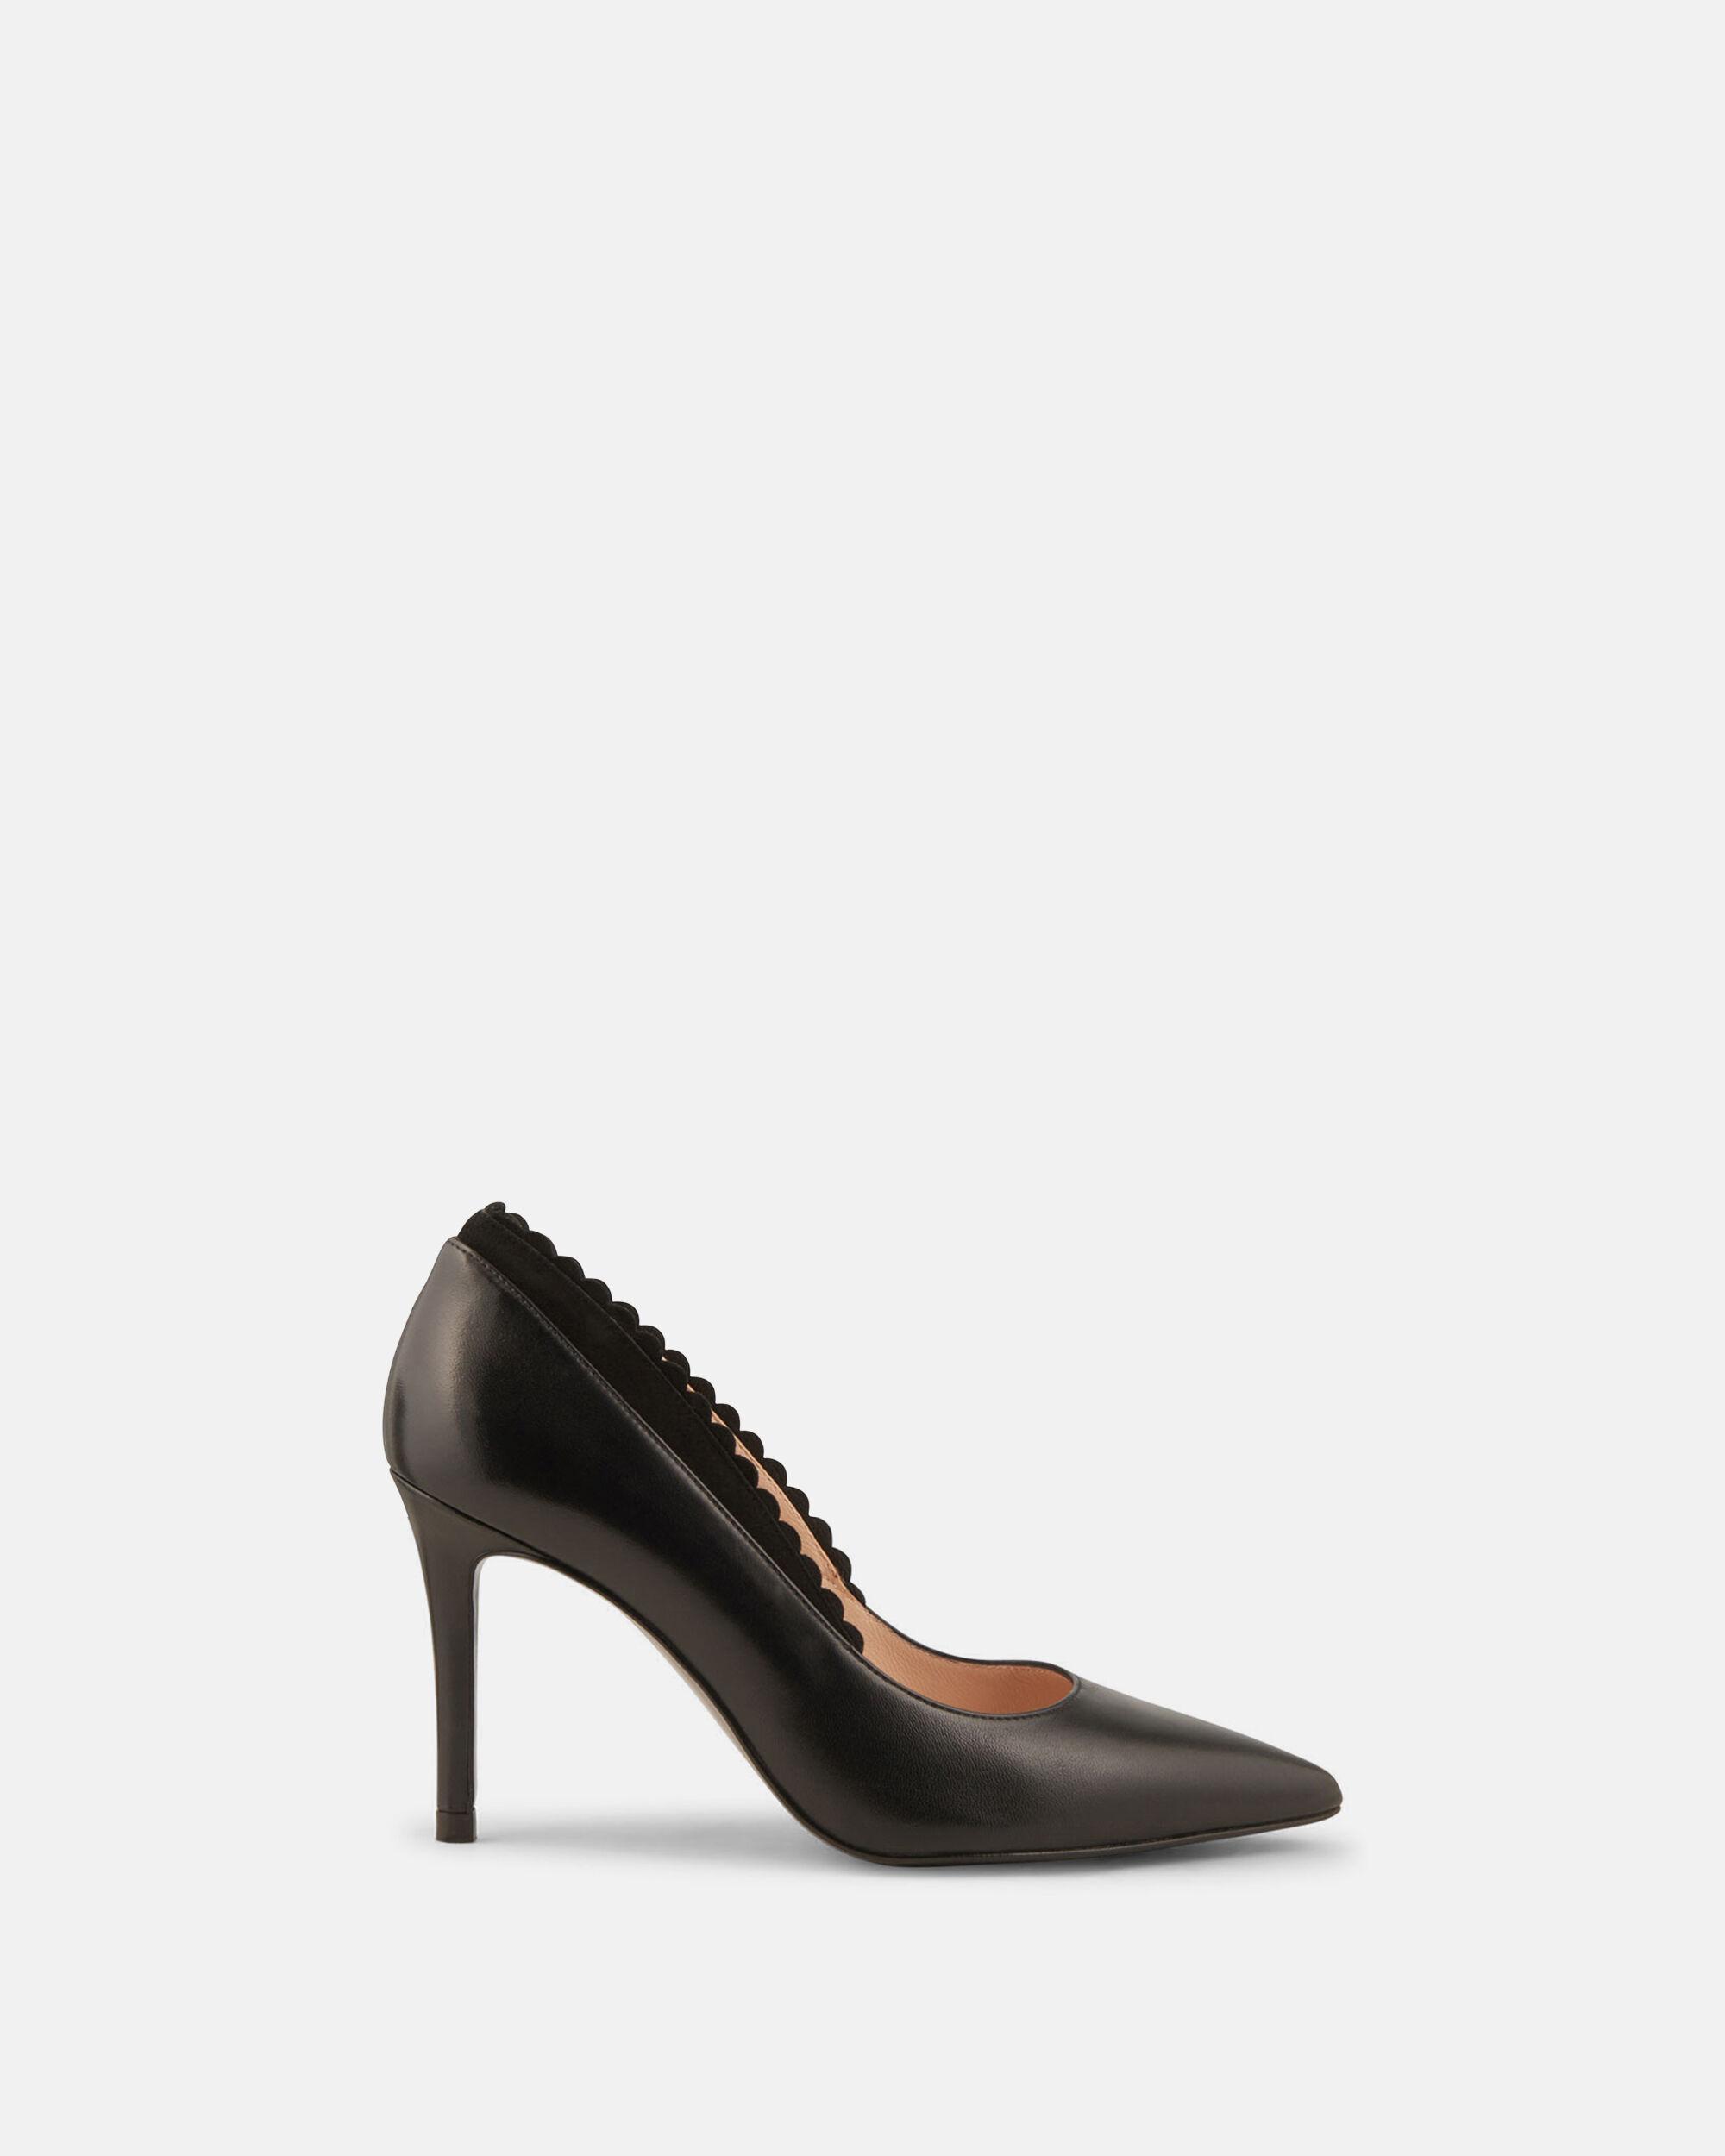 Escarpins Femme Femme Femme Femme Escarpins Femme Escarpins Escarpins Escarpins Escarpins Escarpins Femme RxZTxg